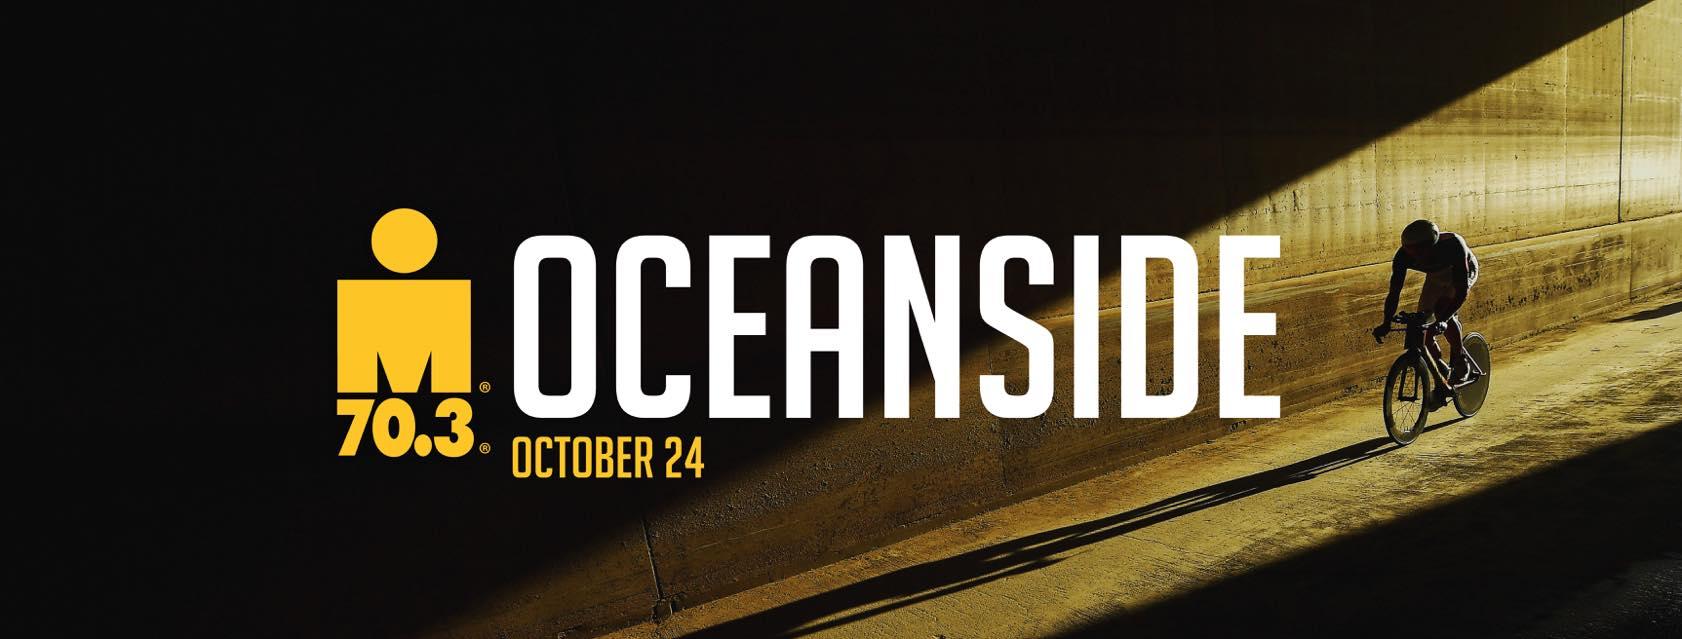 IM Oceanside